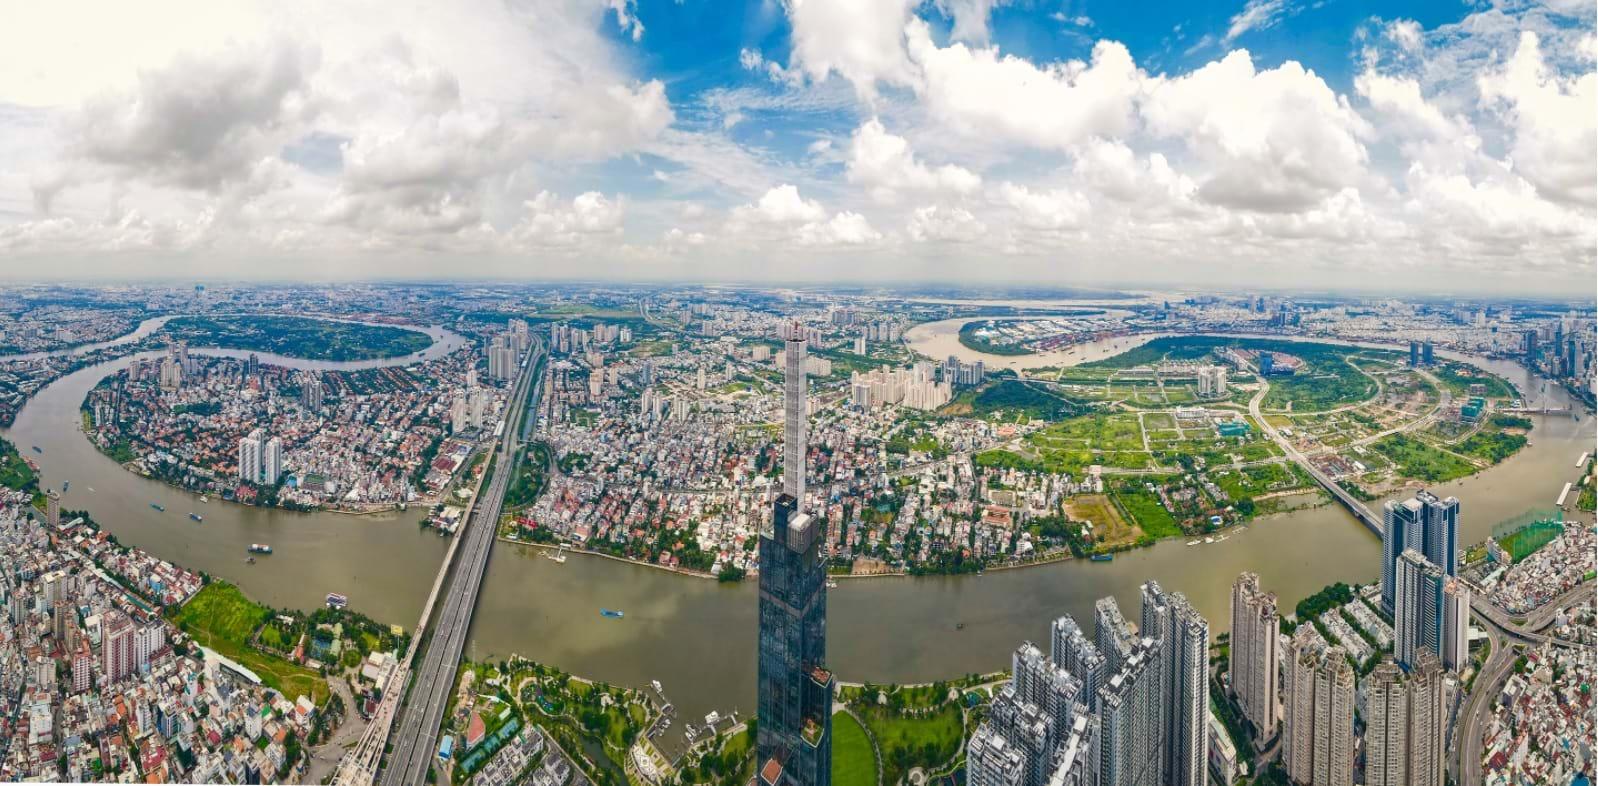 Thành phố Thủ Đức trong tương lai nhìn từ bờ tây sông Sài Gòn. Ảnh: Soha